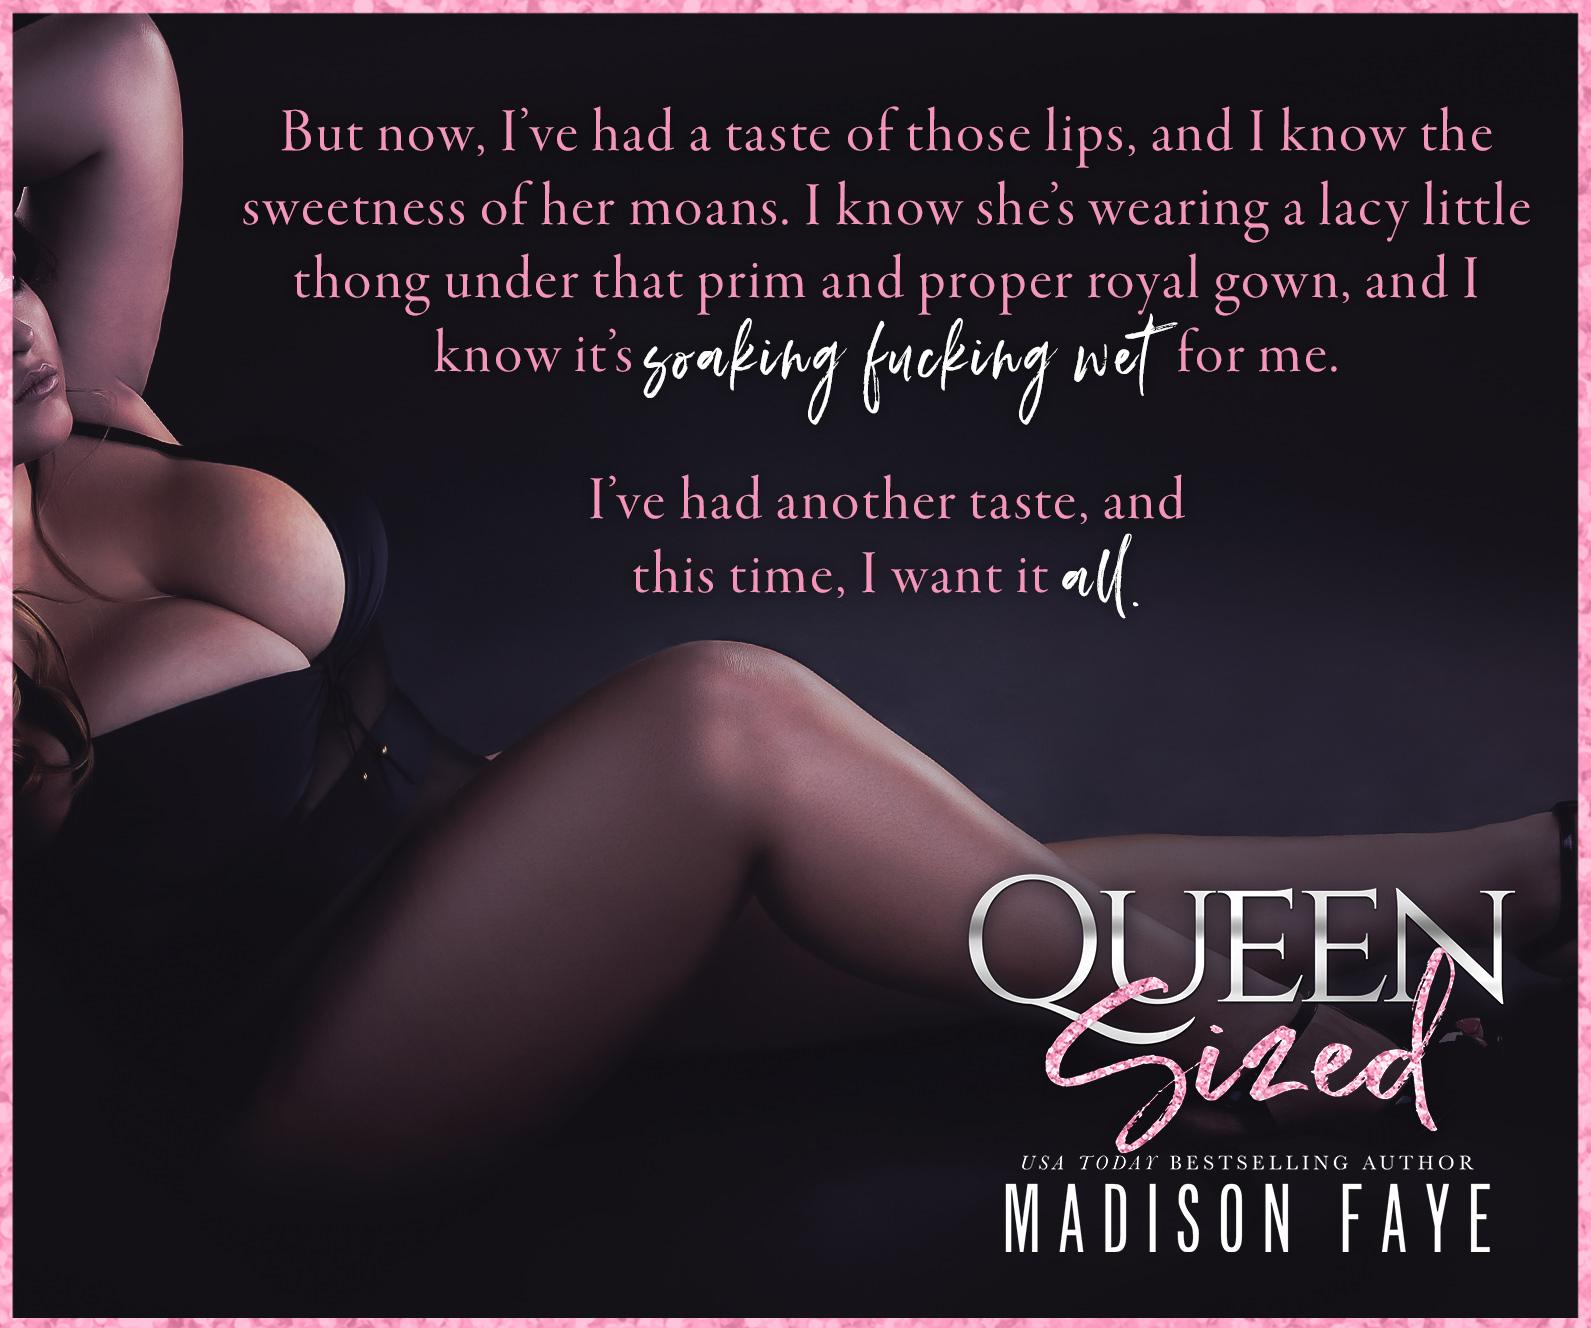 MF_QueenSized_Teaser1.jpg